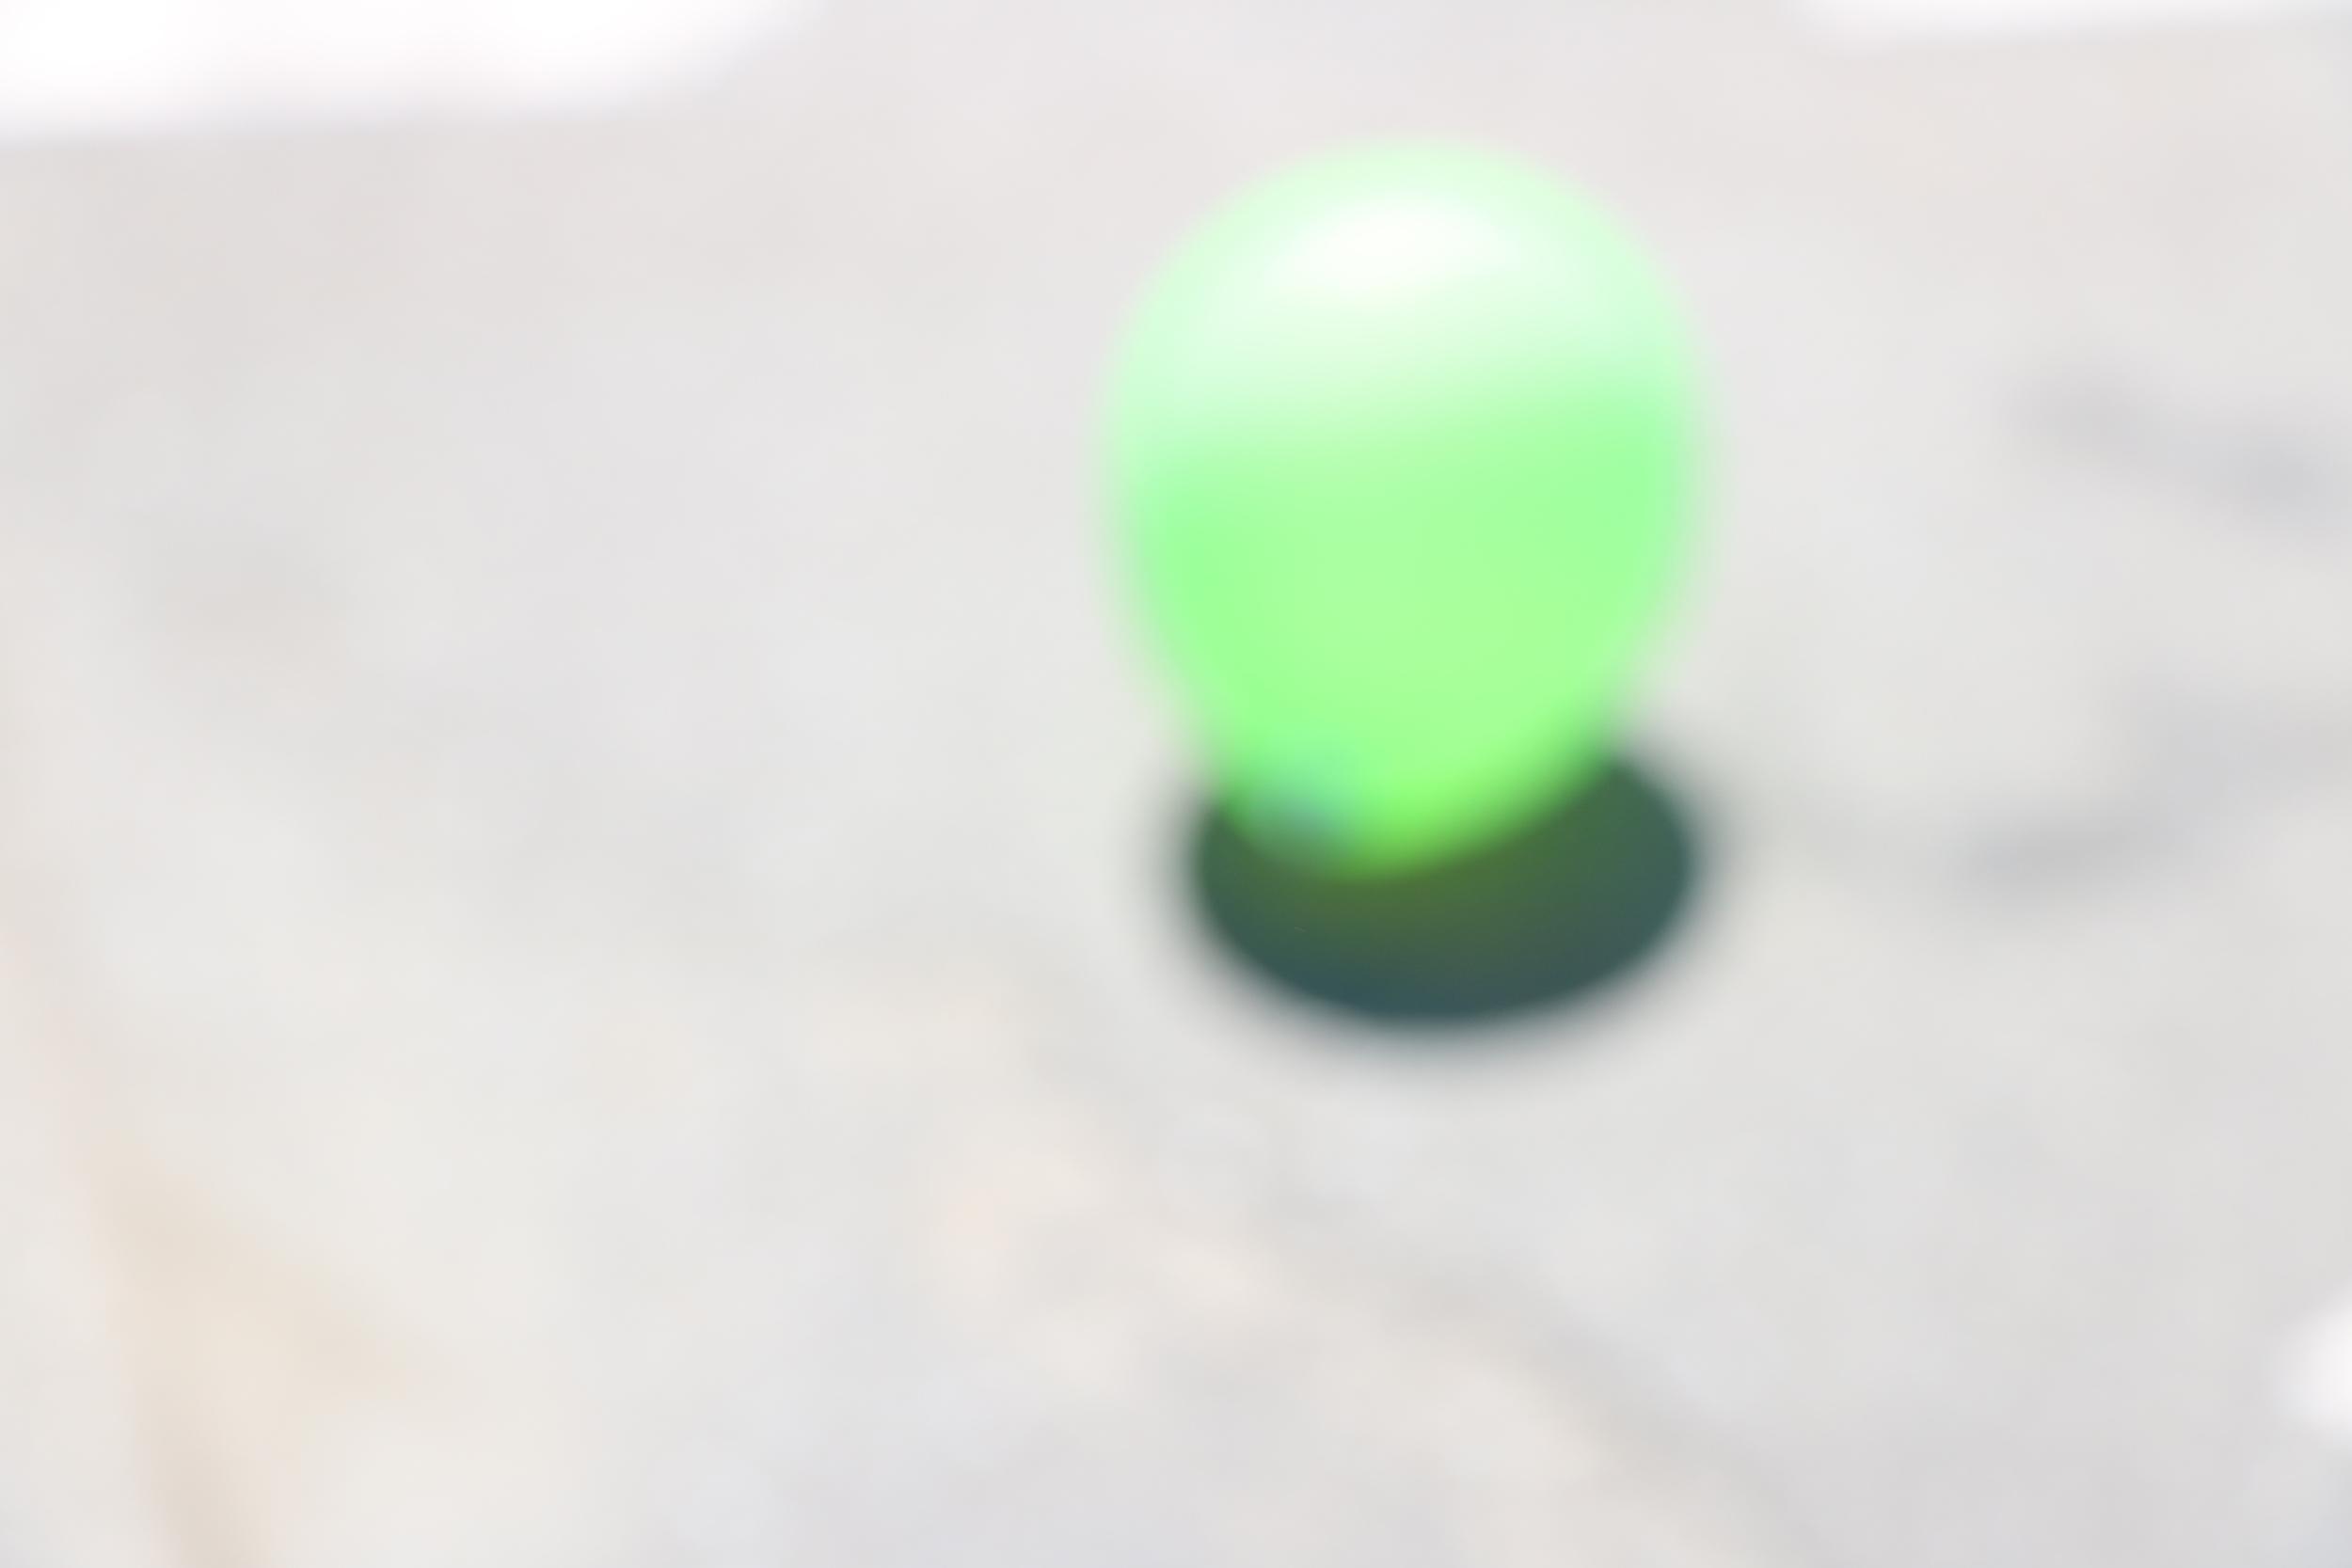 420_0029.JPG